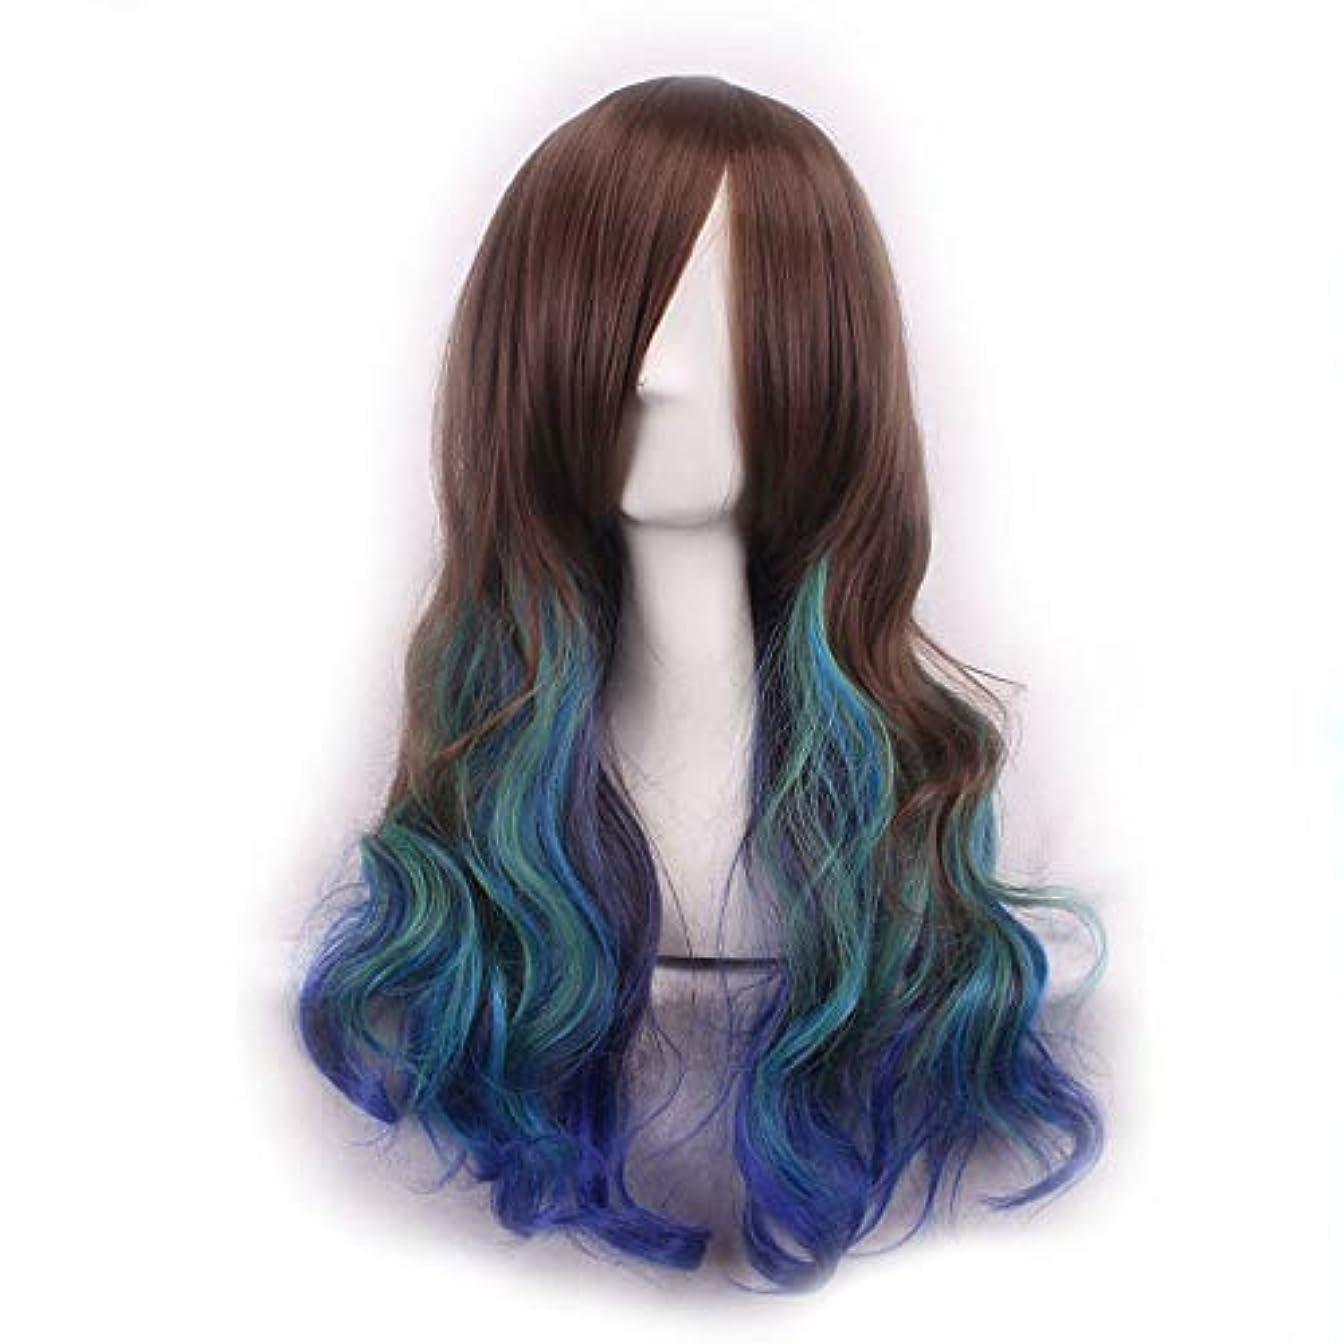 高尚なスラム街ロック解除かつらキャップでかつらファンシードレスカールかつら女性用高品質合成毛髪コスプレ高密度かつら女性&女の子ブルー、レッド (Color : 青)